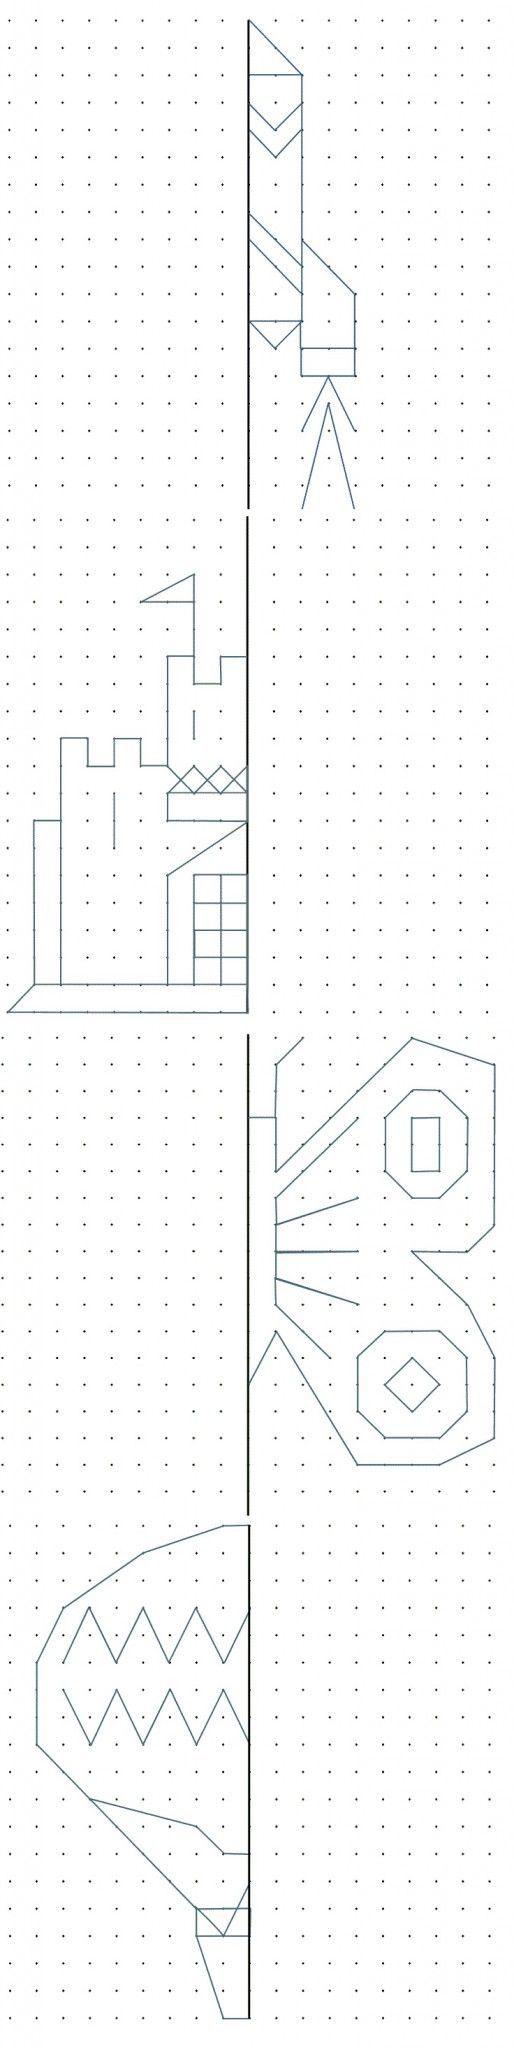 S'entraîner À La Symétrie : Un Pack De Fiches | Symétrie Cm1 concernant Symétrie A Imprimer